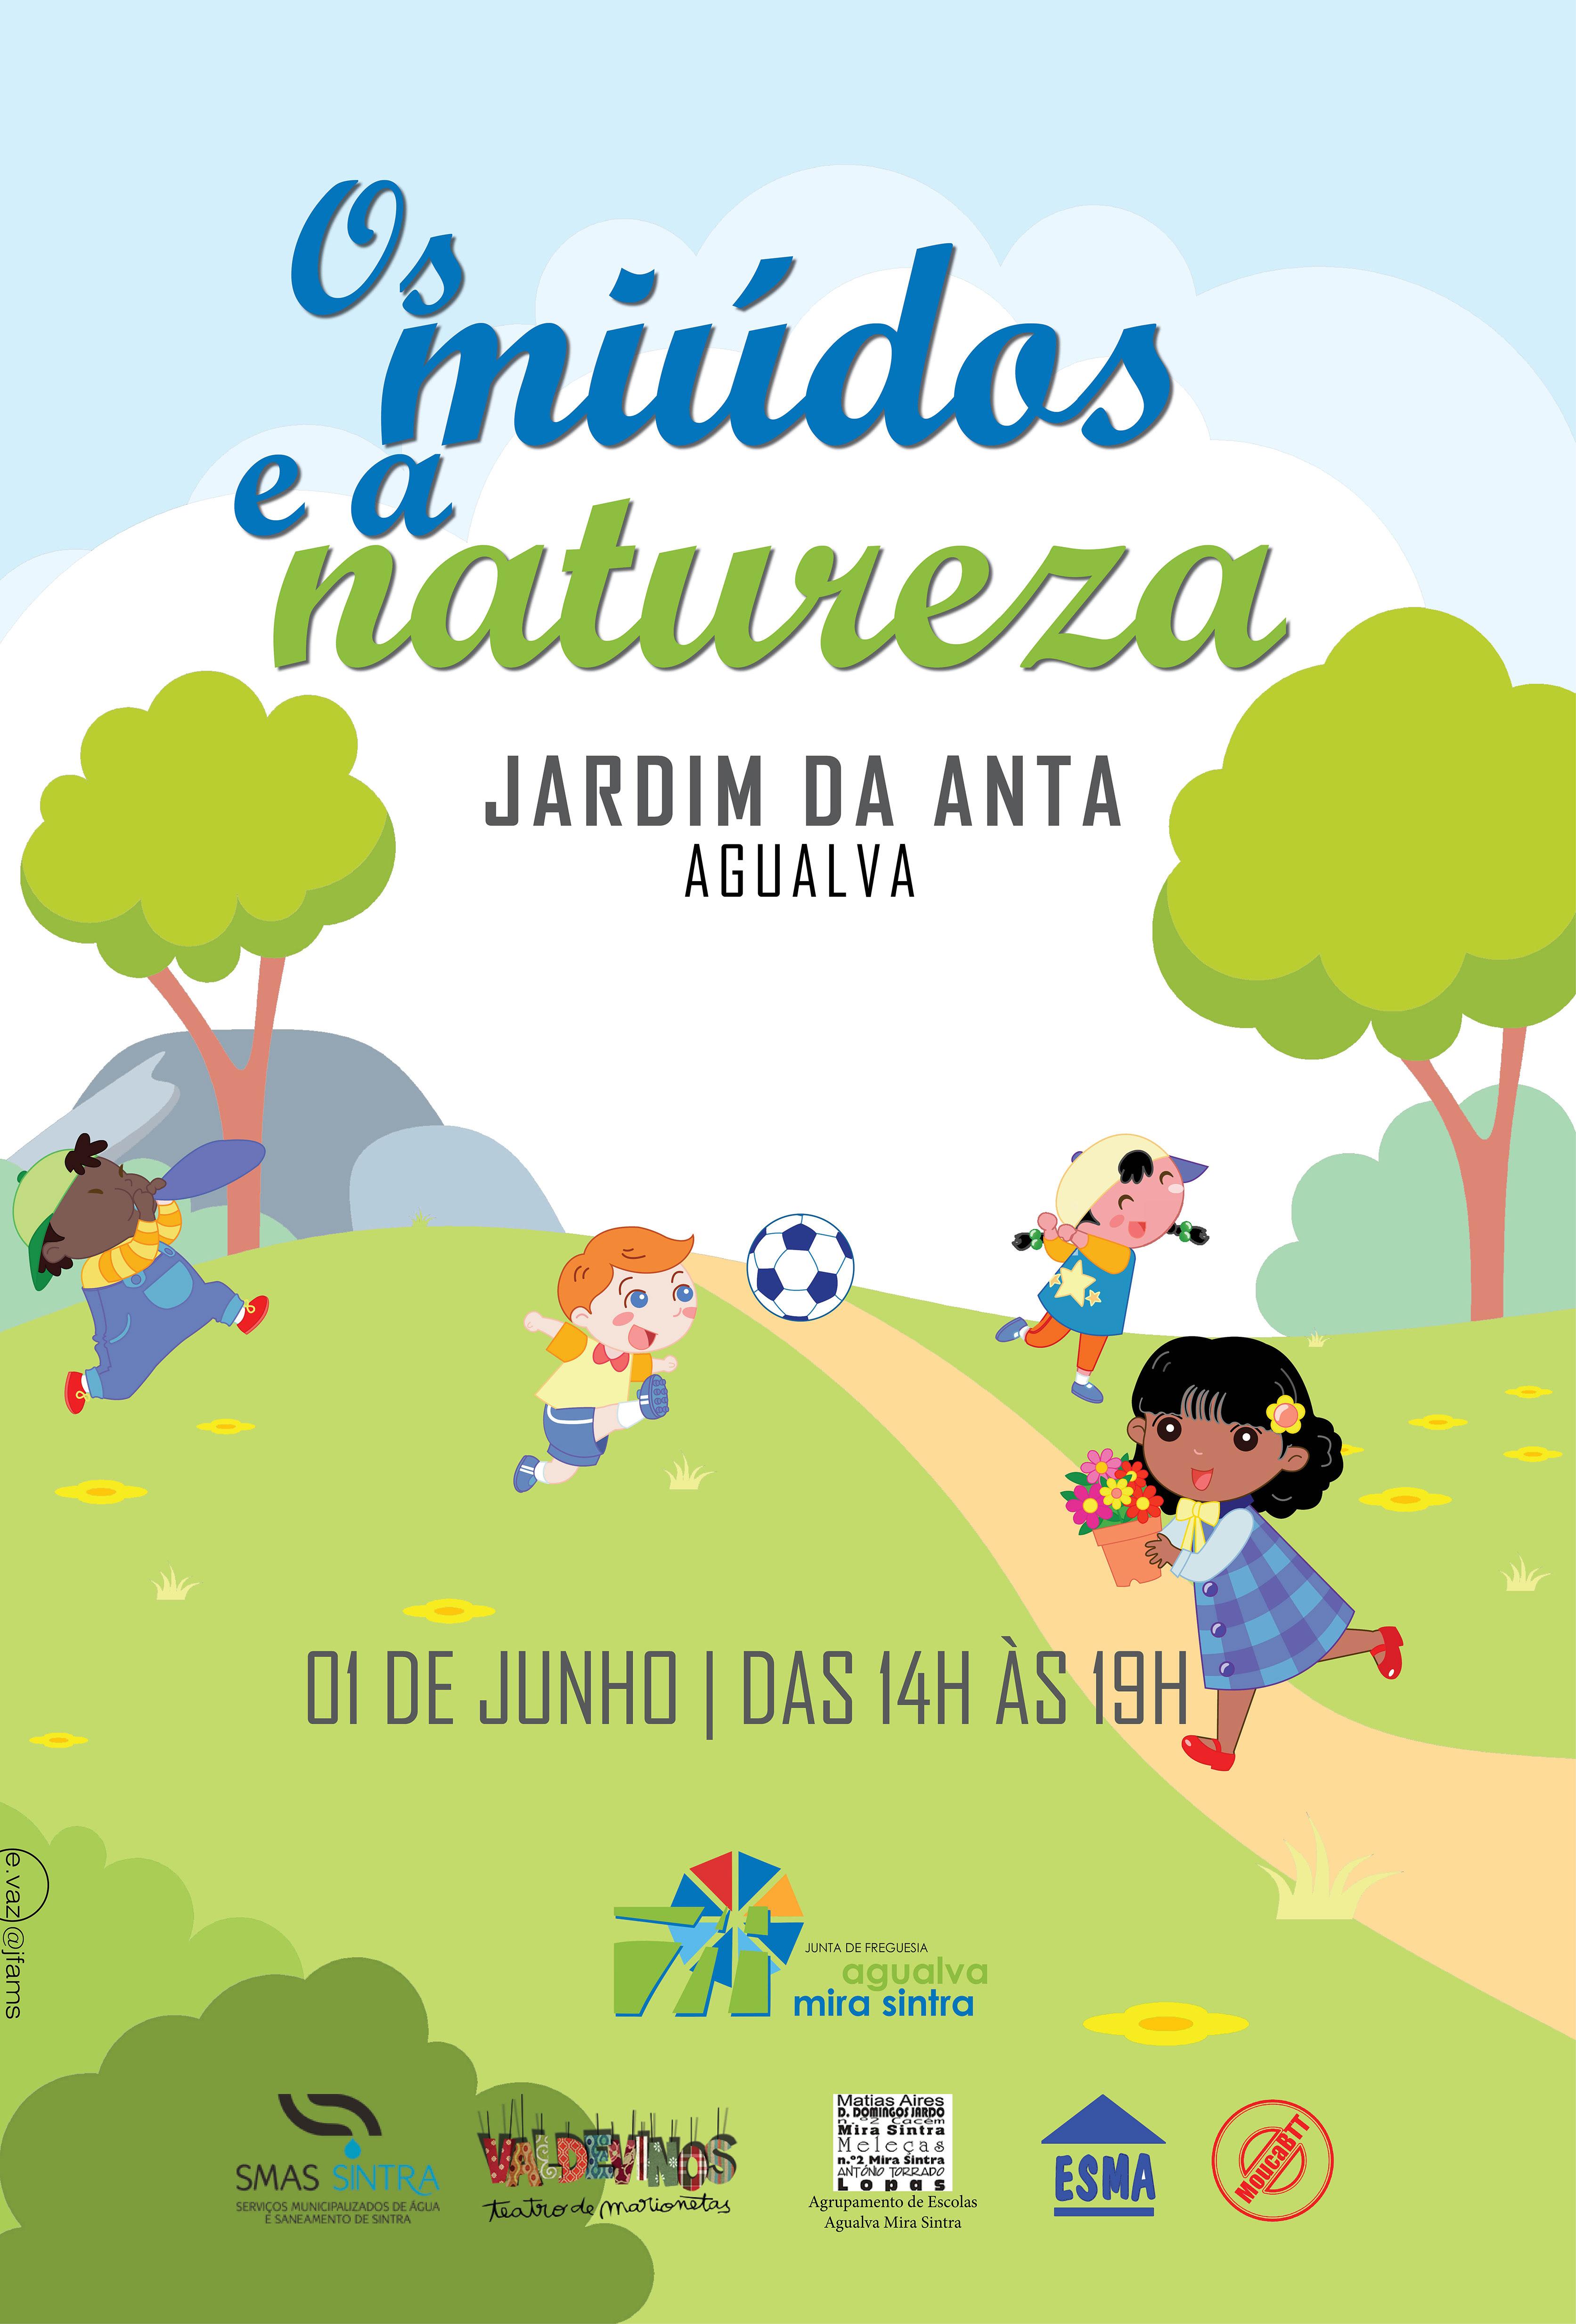 Dia Mundial da Criança e Dia Mundial do Ambiente